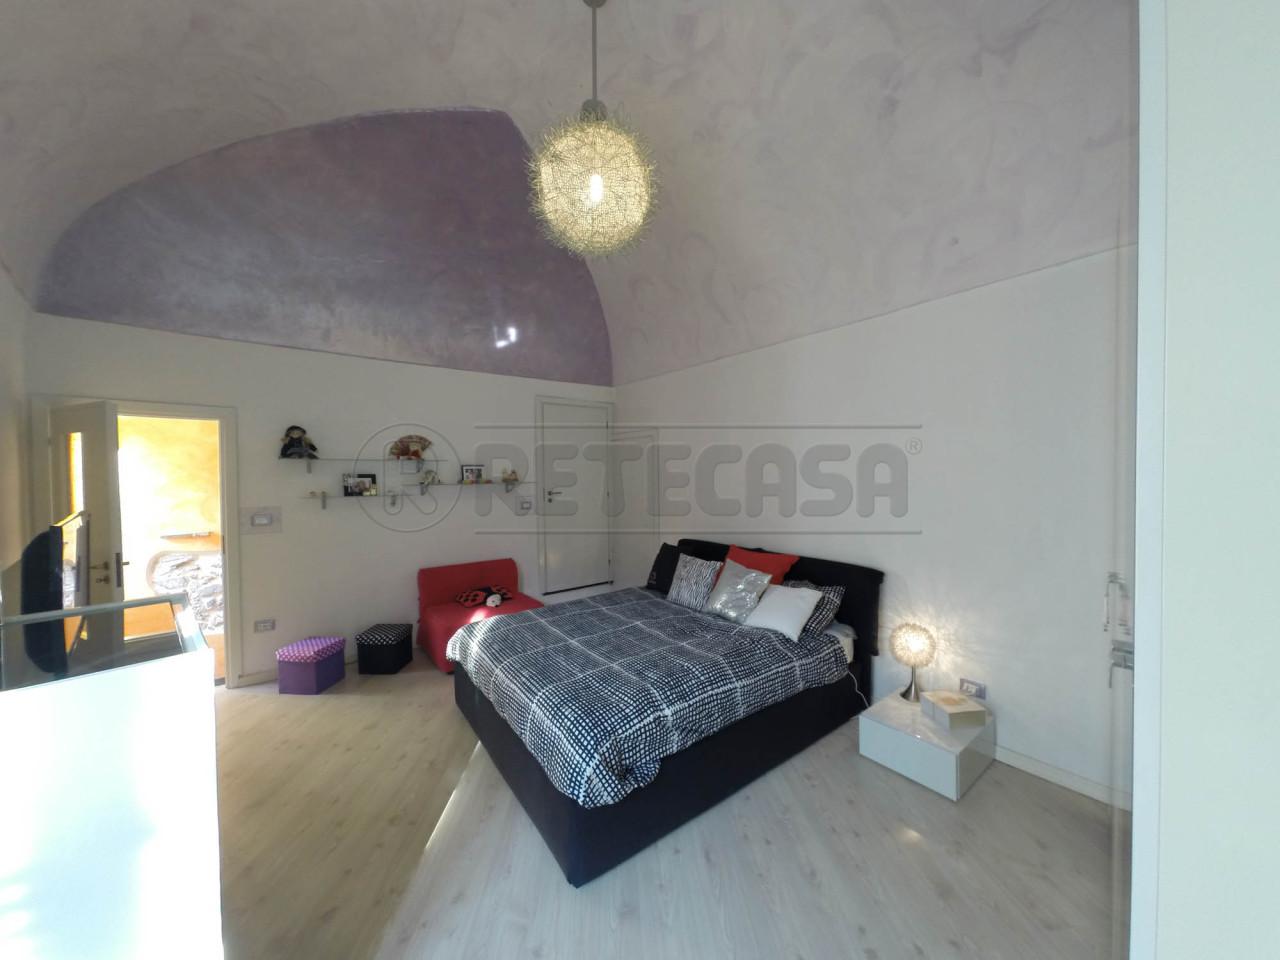 Rustico / Casale in vendita a Toirano, 5 locali, prezzo € 195.000 | Cambio Casa.it